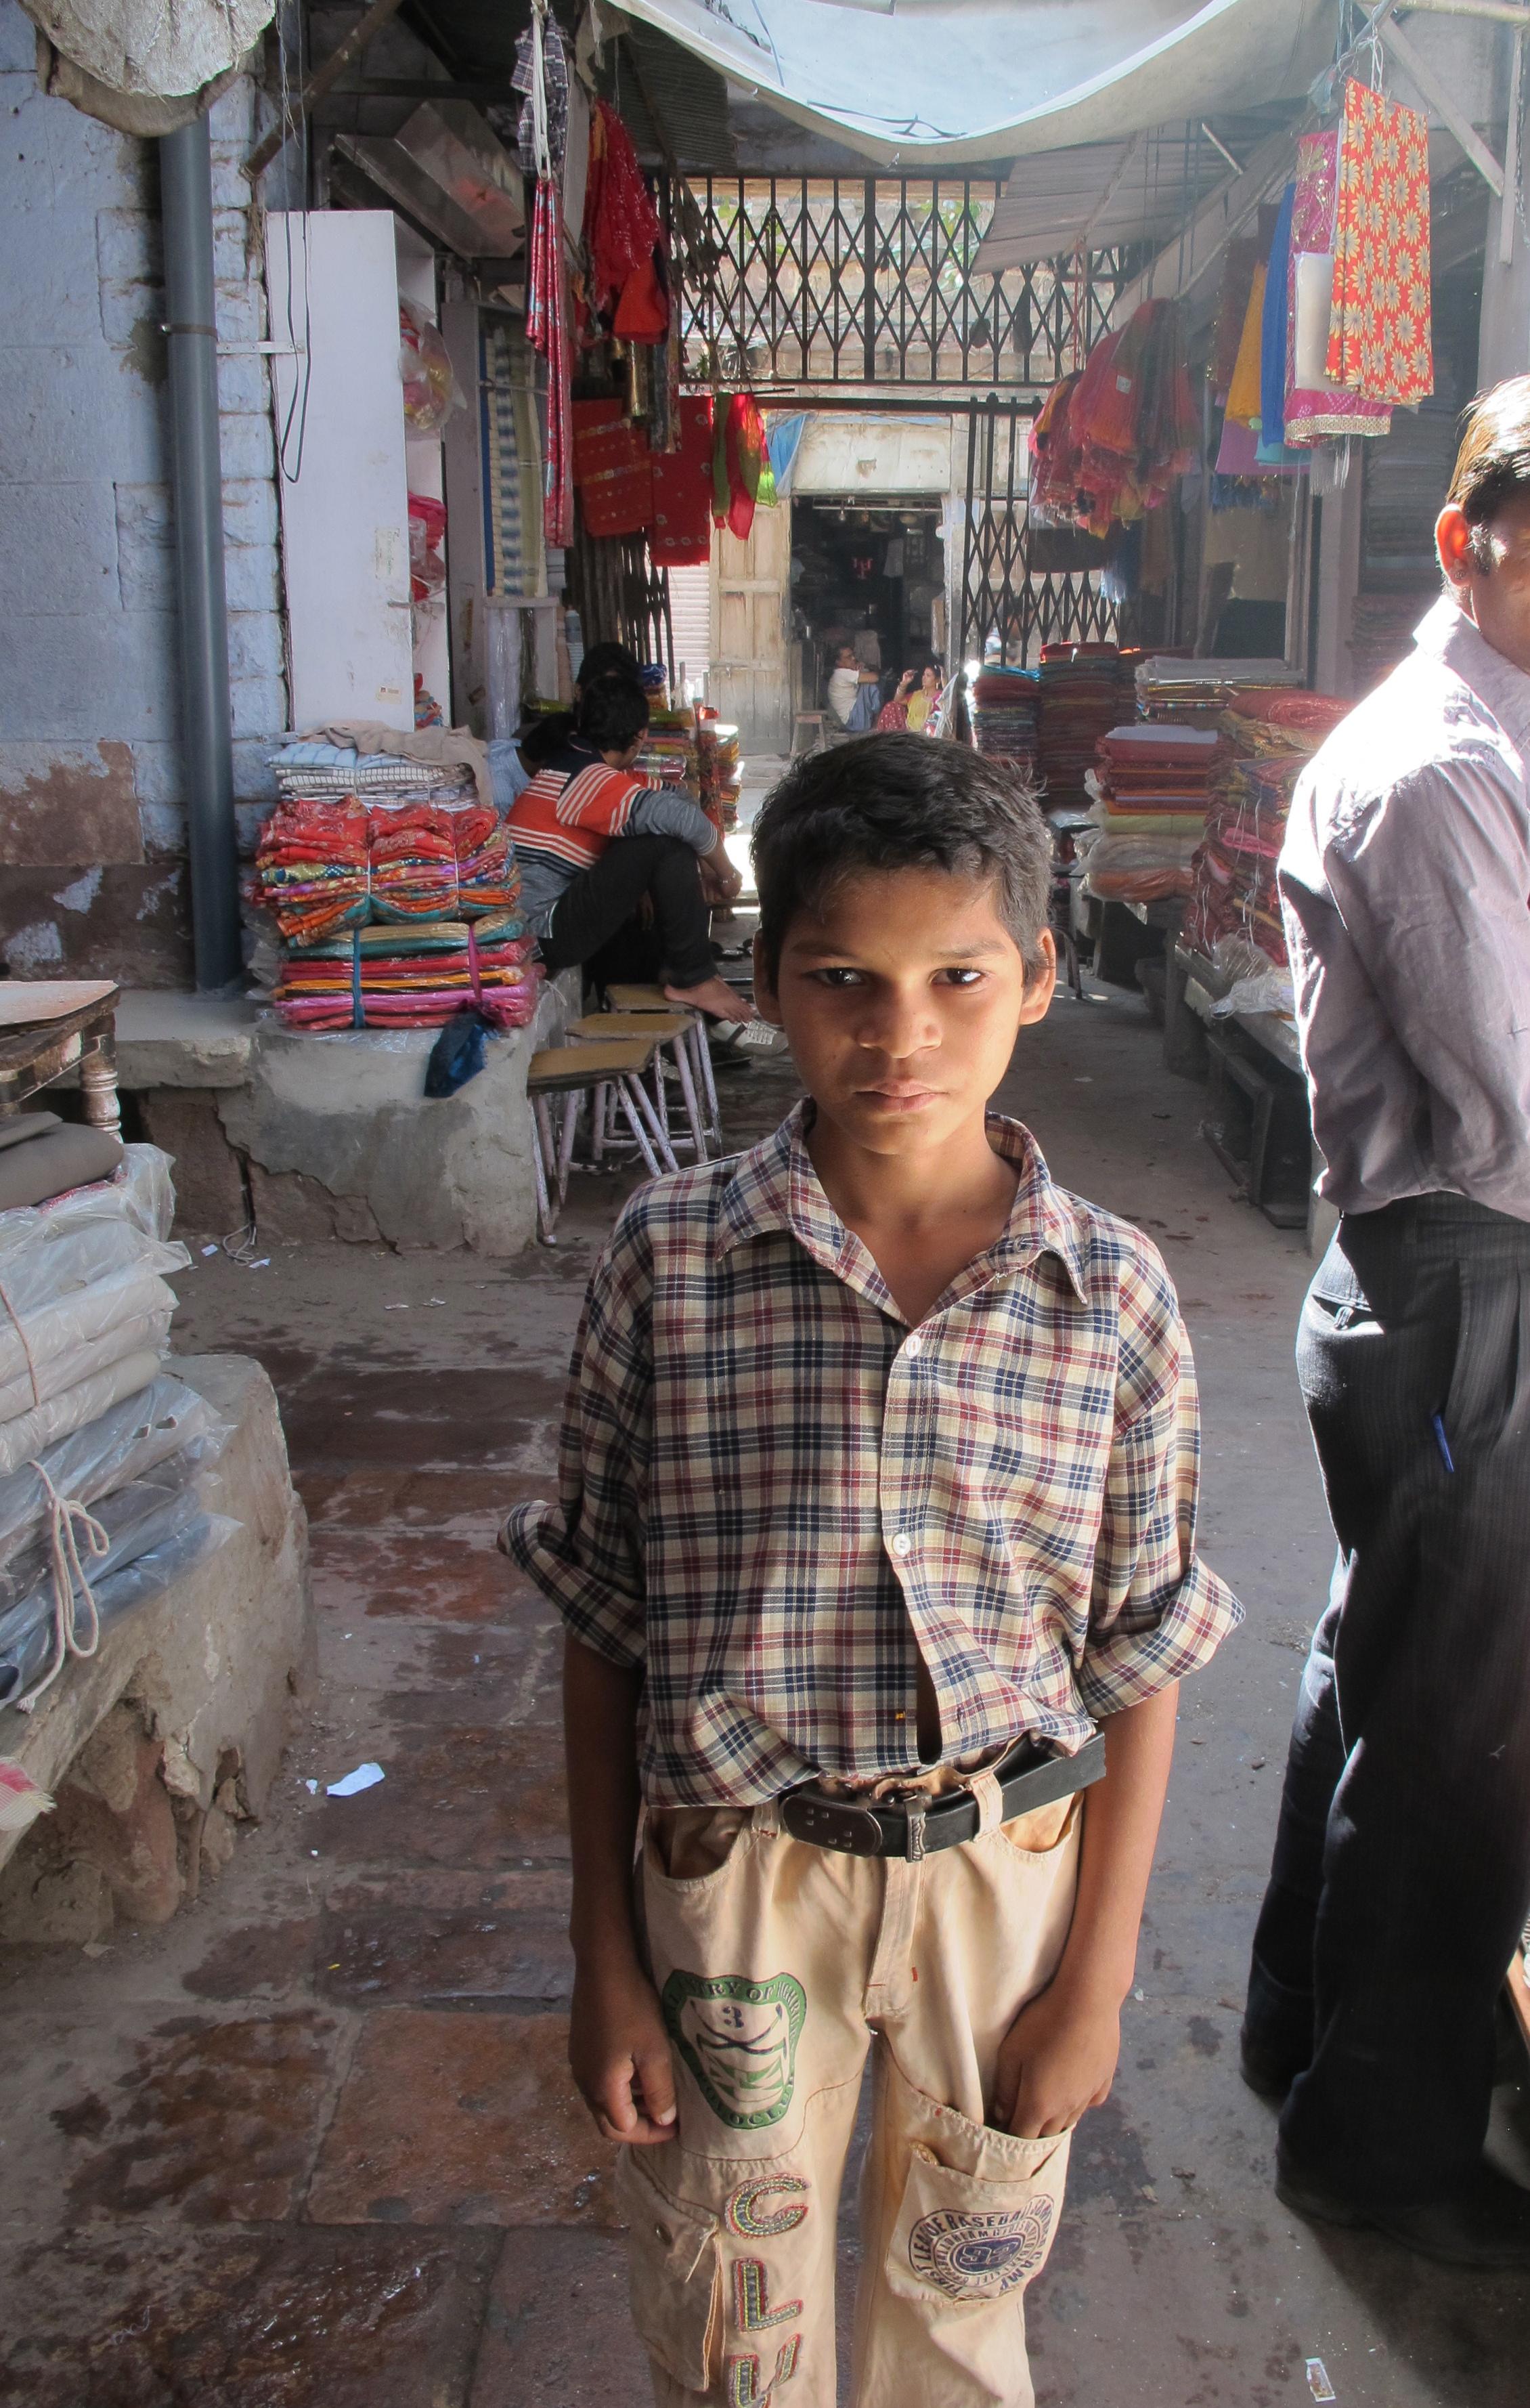 Slumdog boy - Clock Tower Market - Jodhpur - India